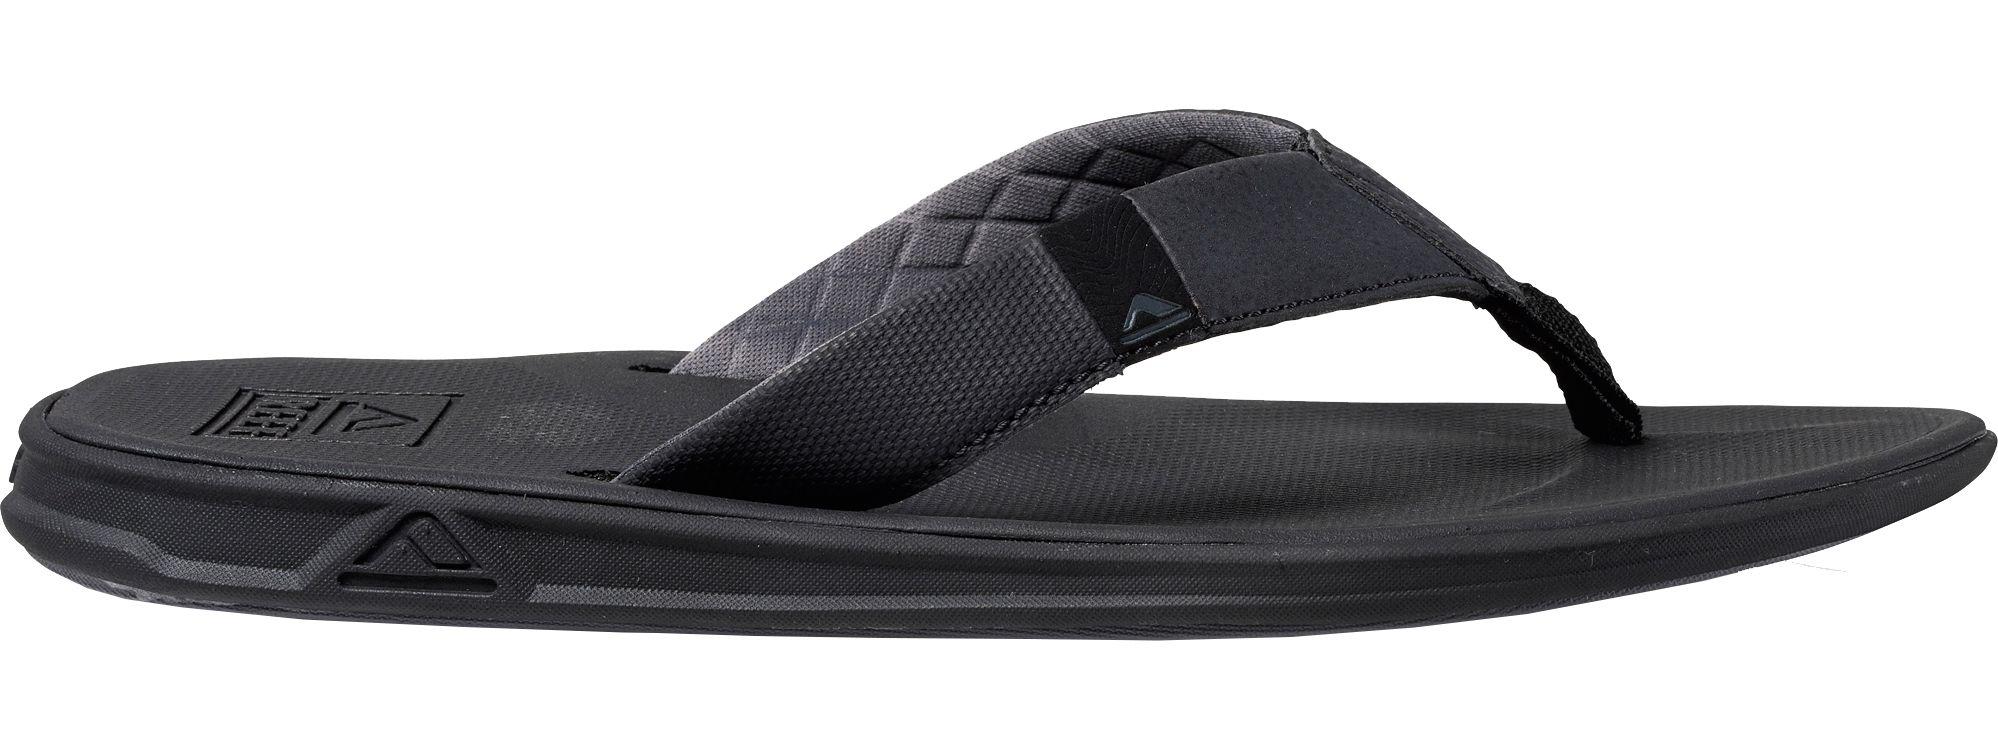 Black reef sandals - Noimagefound